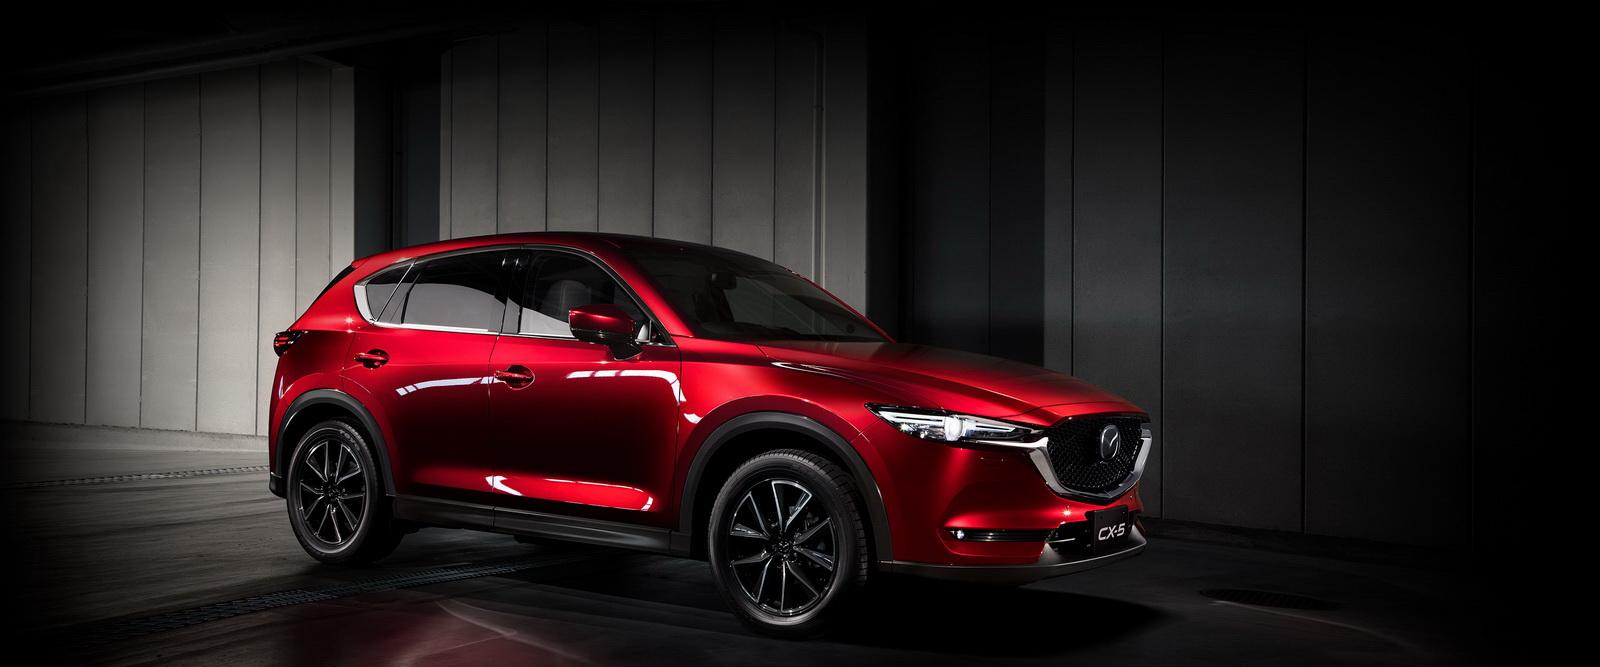 Цвета кузова Мазда СХ-5 - вся цветовая гамма Mazda CX-5